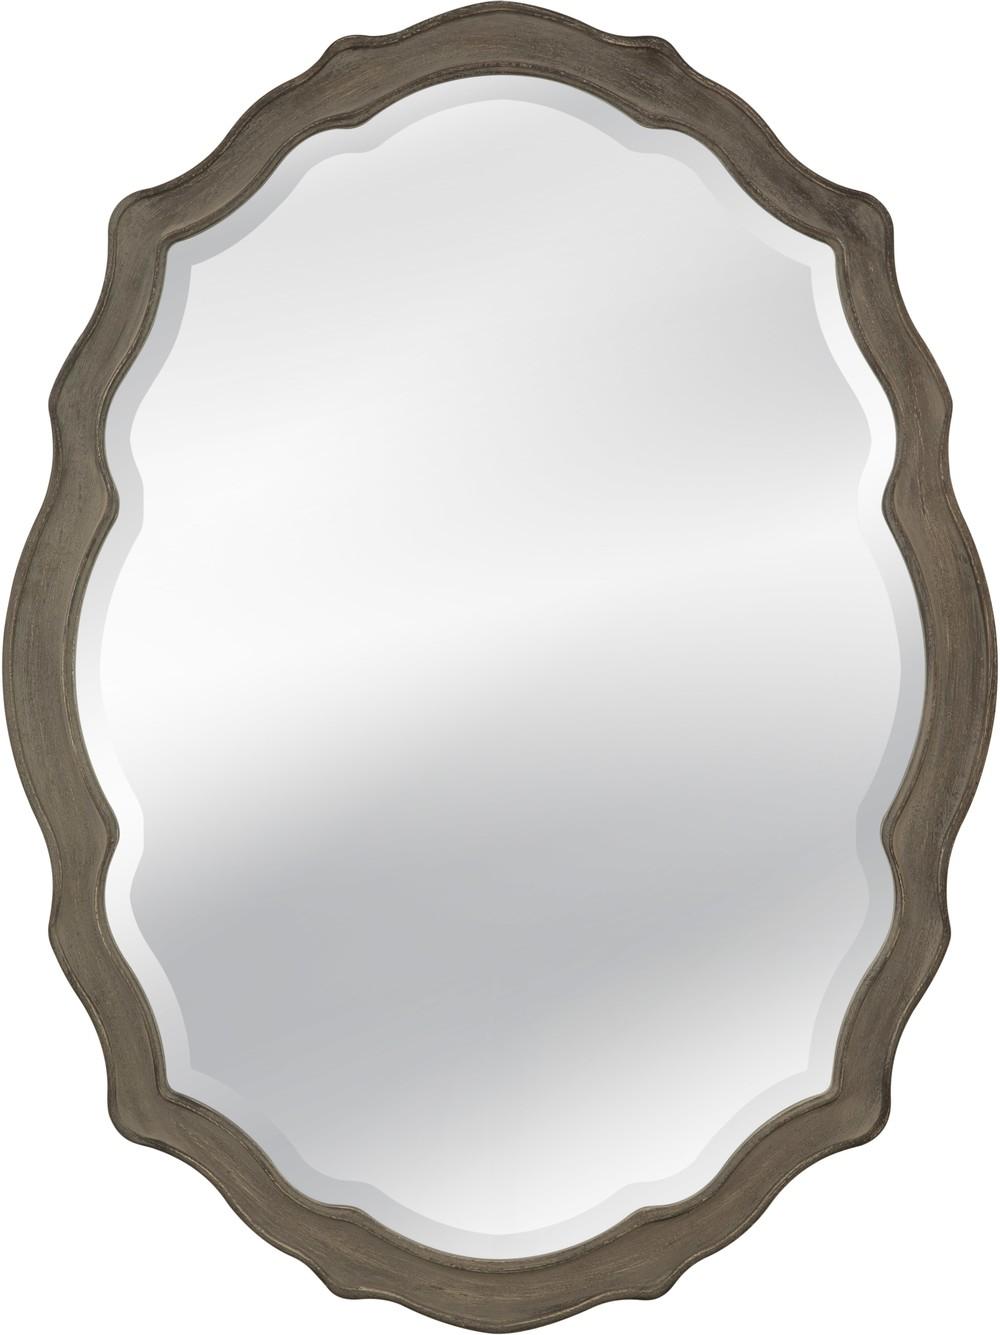 Bassett Mirror Company - Barrington Wall Mirror